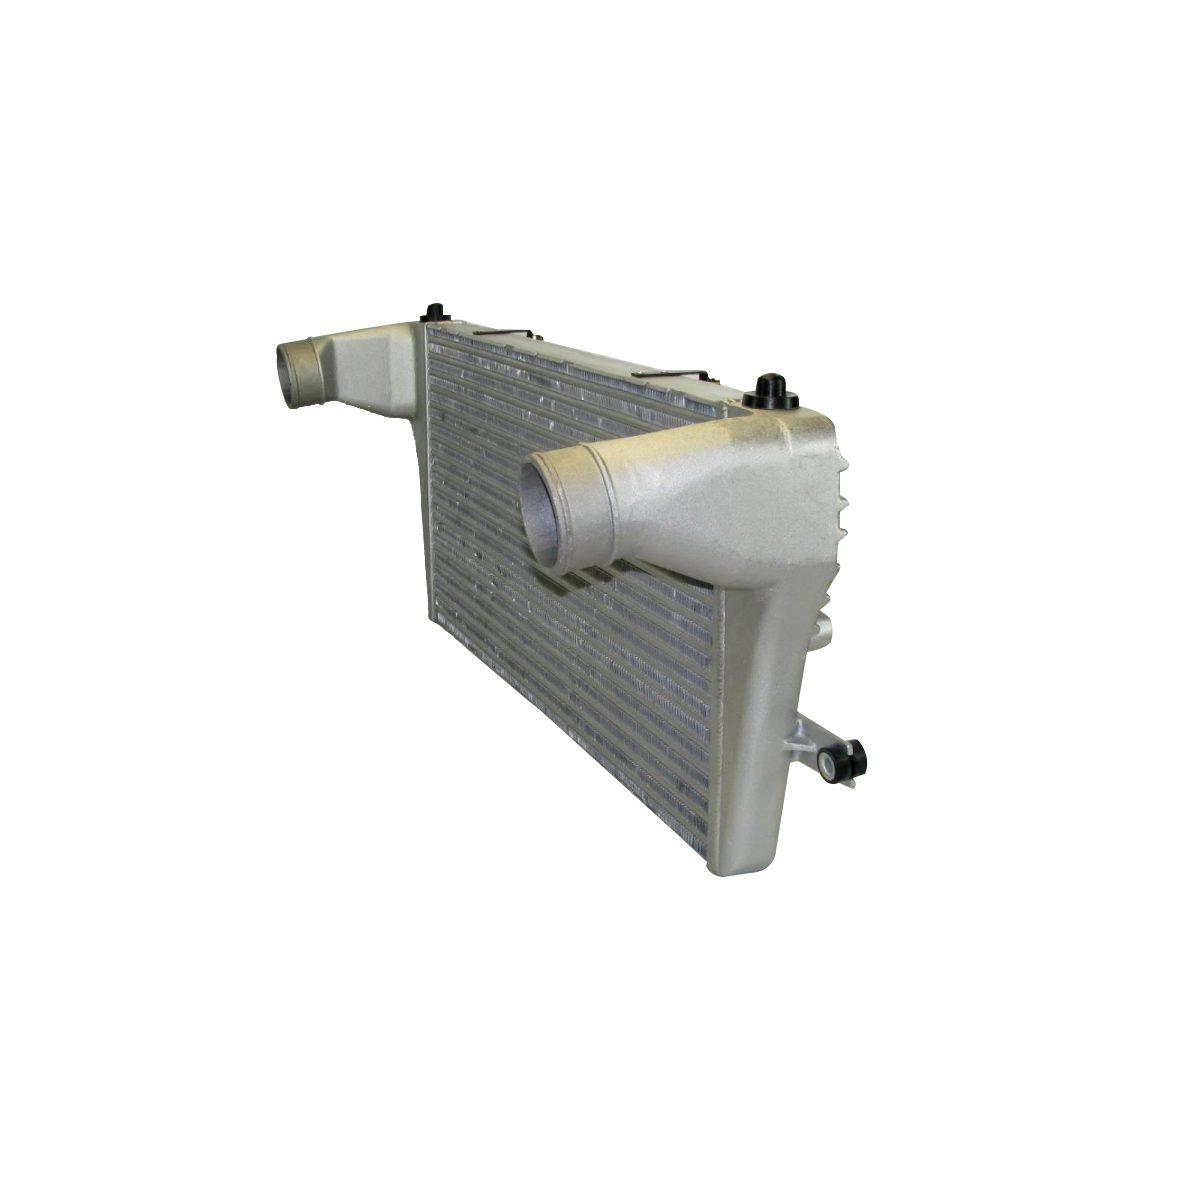 mercedes benz dodge sprinter 2500 3500 2.7l 03 04 charge air cooler oem 9015010701 3